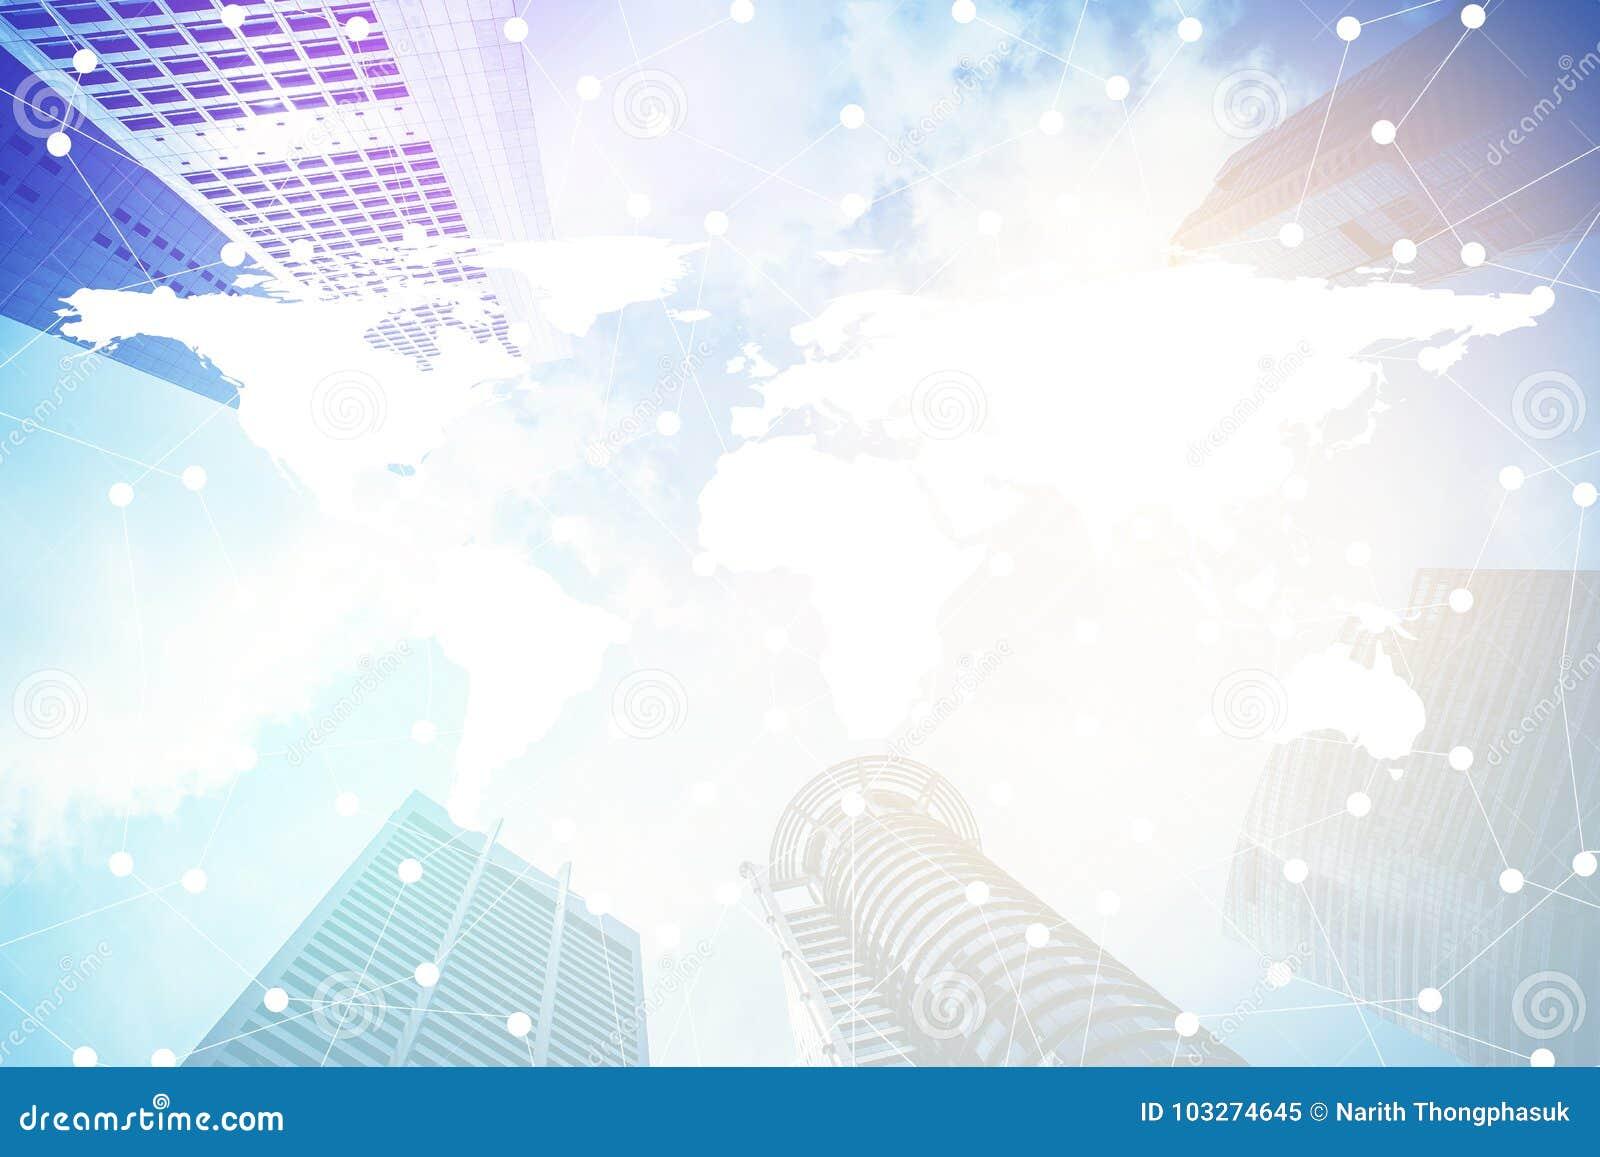 Mądrze internet z siecią i miasto - komunikacyjny związek na nowożytnym mieście